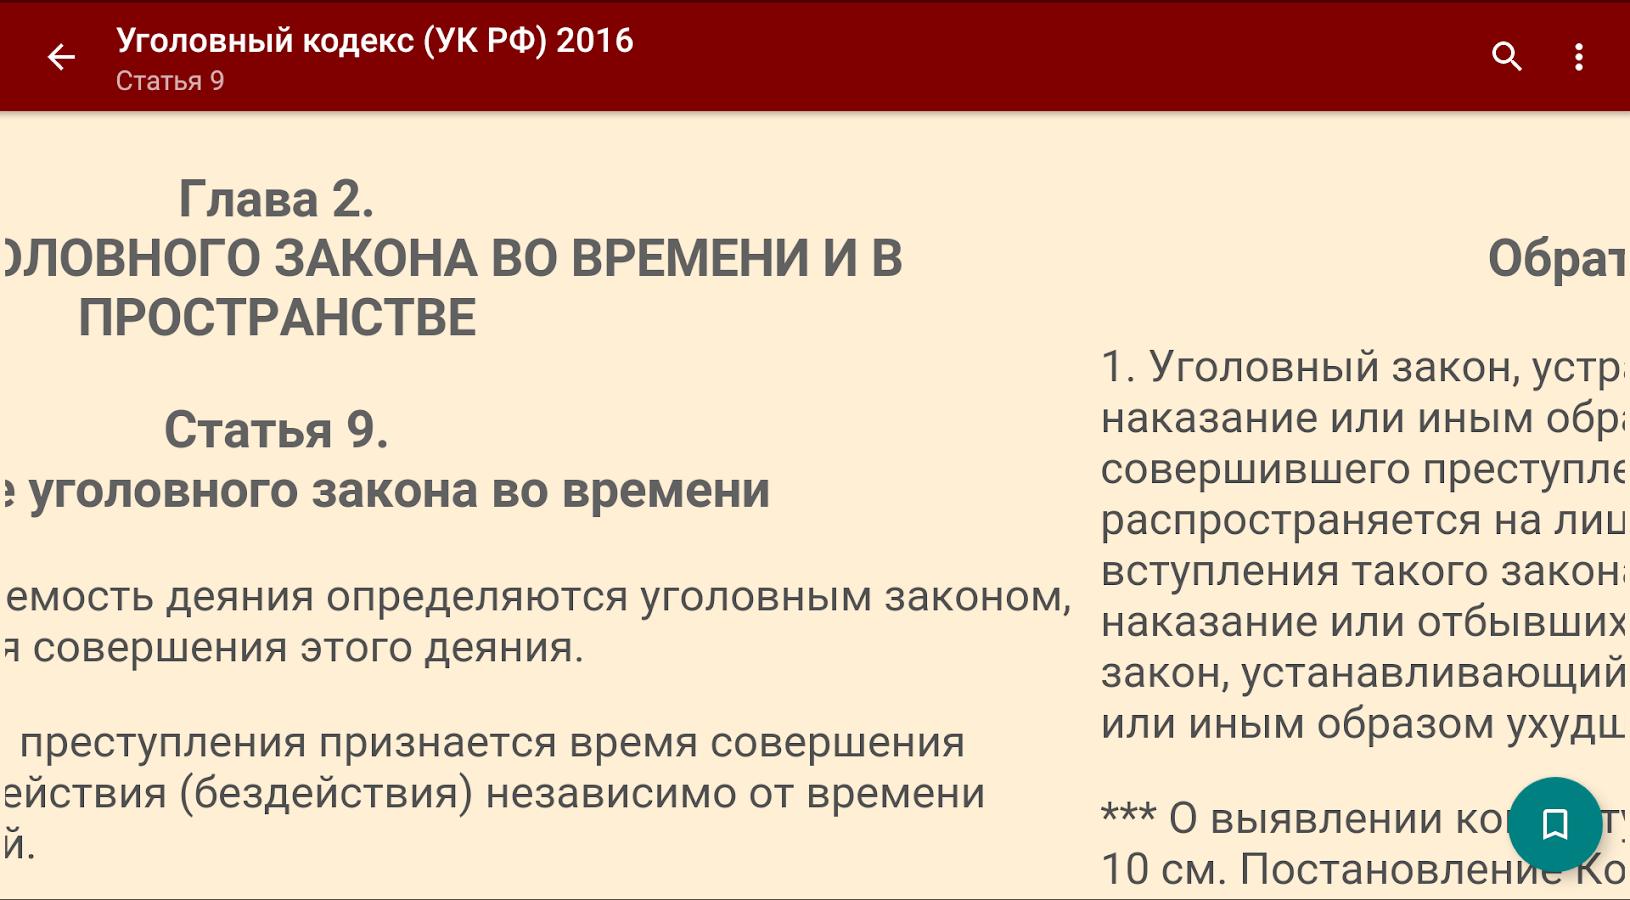 УГОЛОВНЫЙ КОДЕКС РФ 2016 ИЮНЬ ИЮЛЬ АВГУСТ 2016 СКАЧАТЬ БЕСПЛАТНО